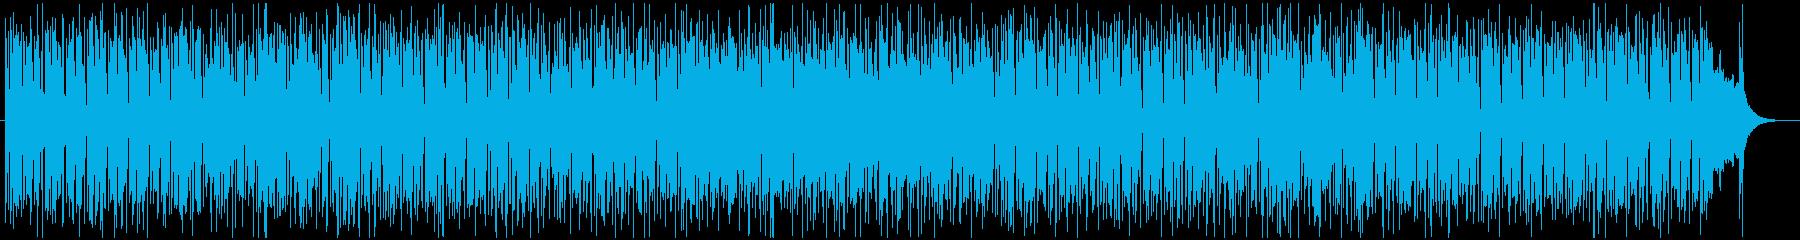 限界突破のファンキーなソウル調ポップスの再生済みの波形